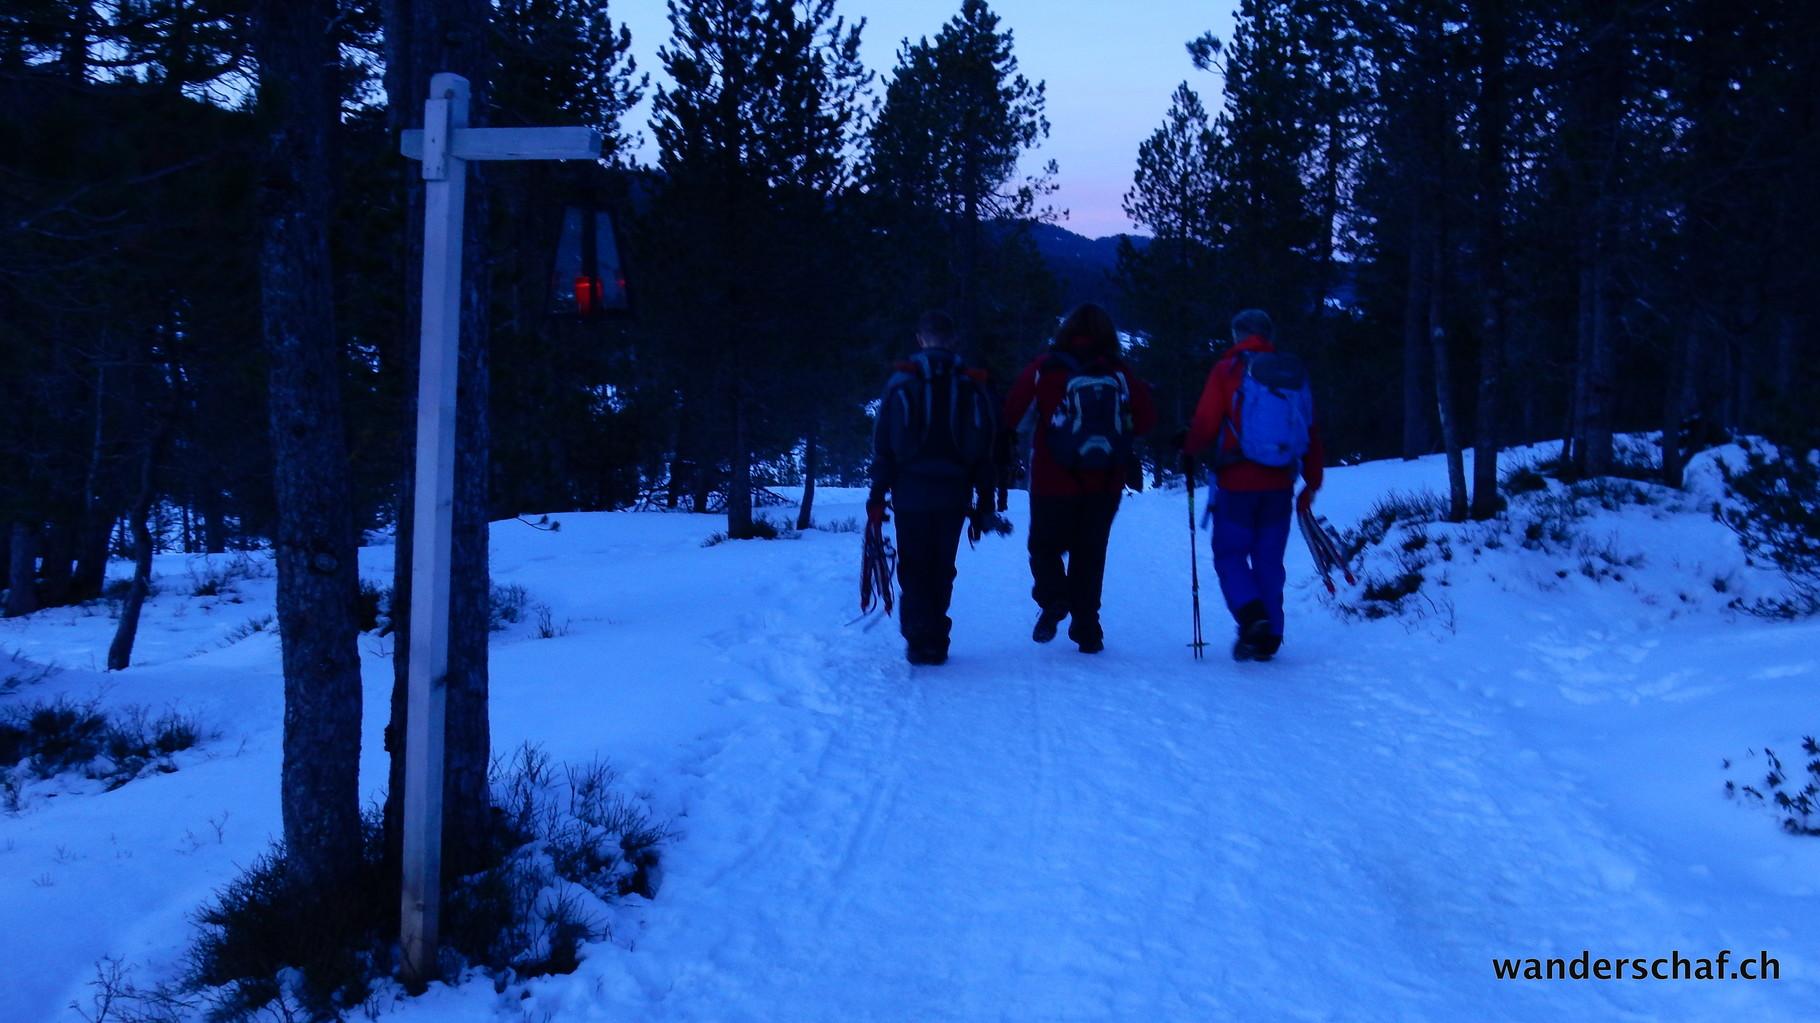 Nach dem Après-Schneeschüehle in Langis geht's weiter nach Schwendi Kaltbad, wo wir übernachten werden